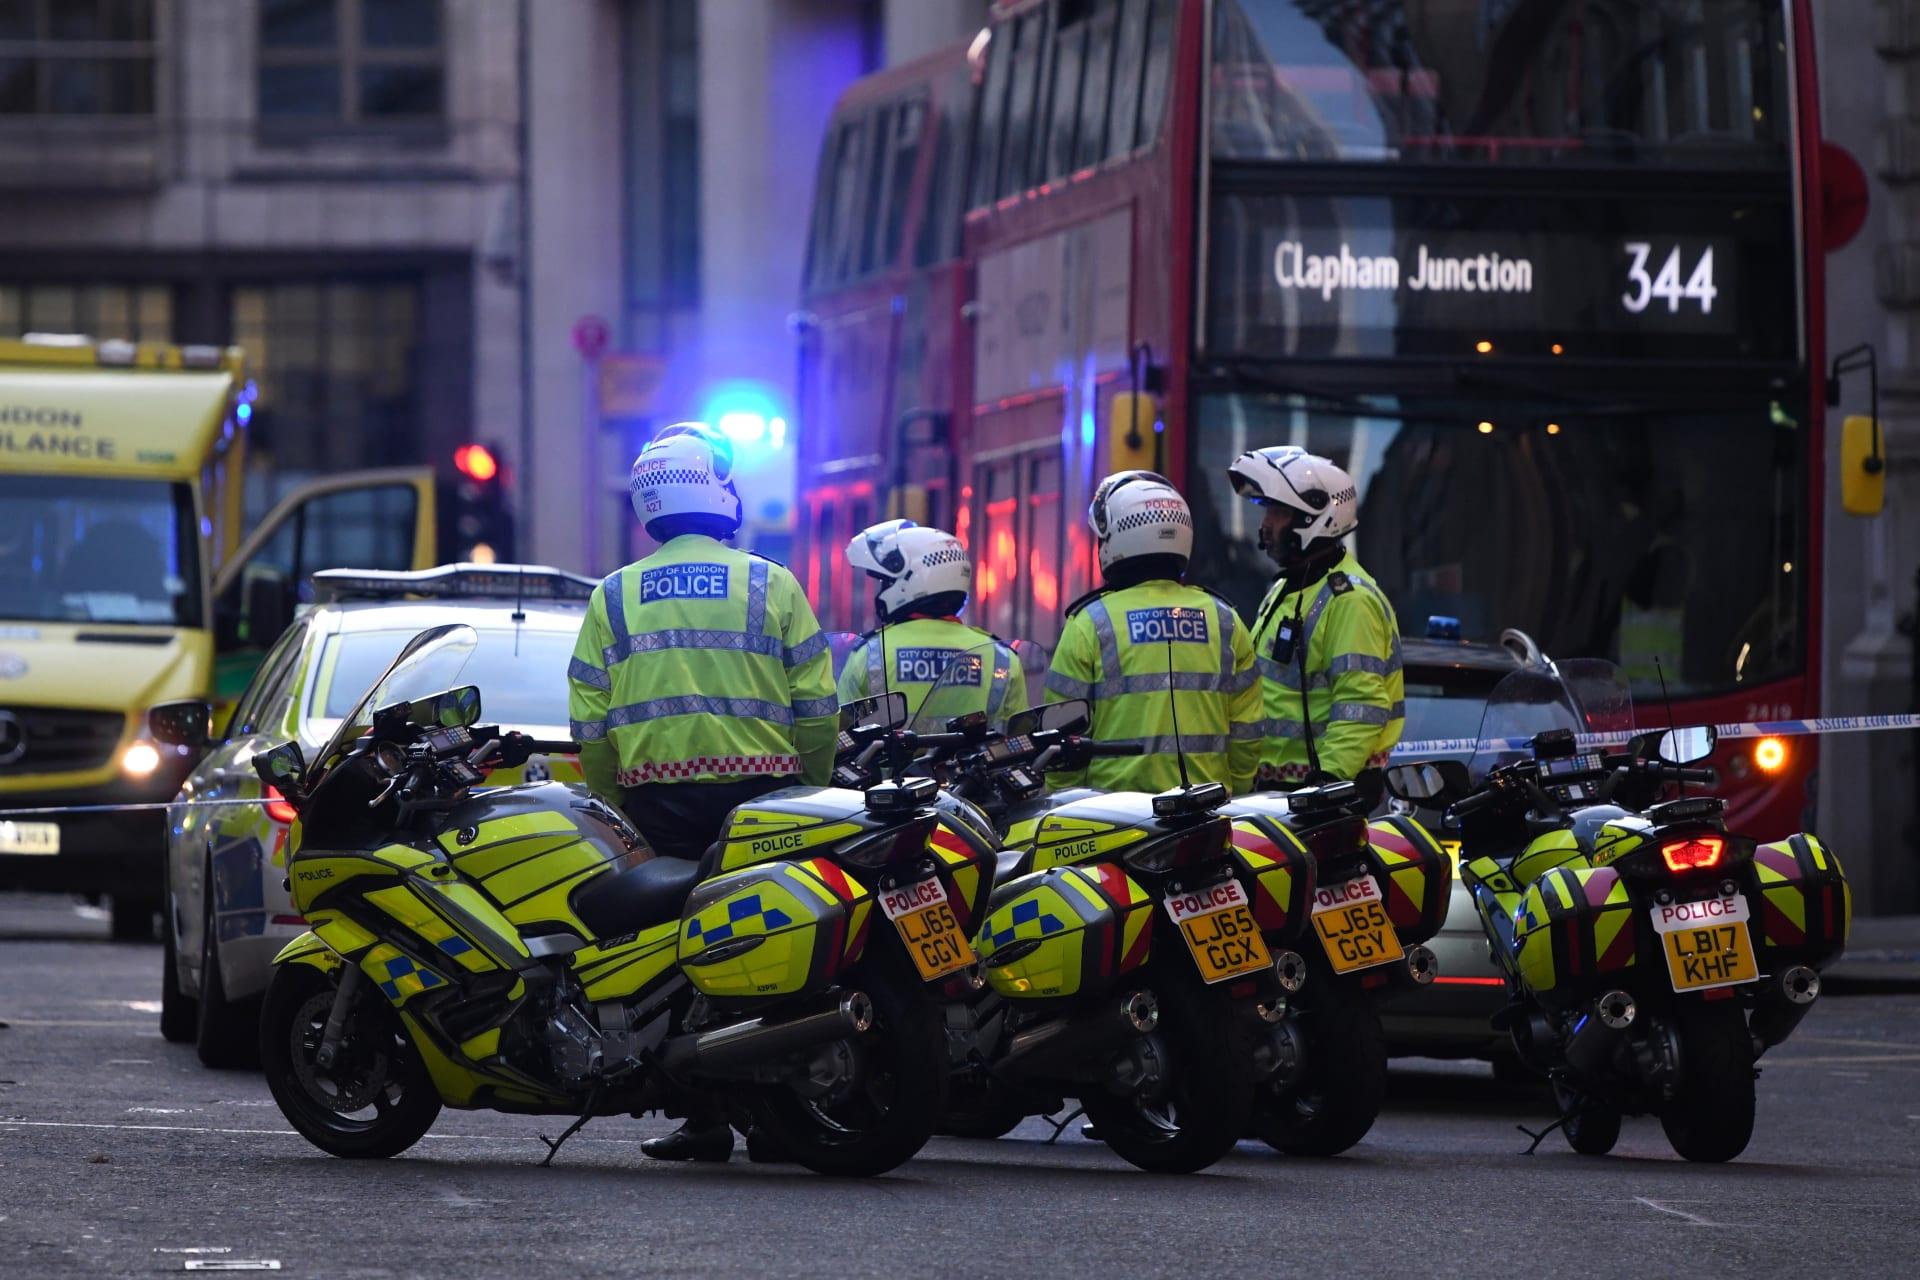 إصابة عدد من الأشخاص في حادث الطعن في لندن